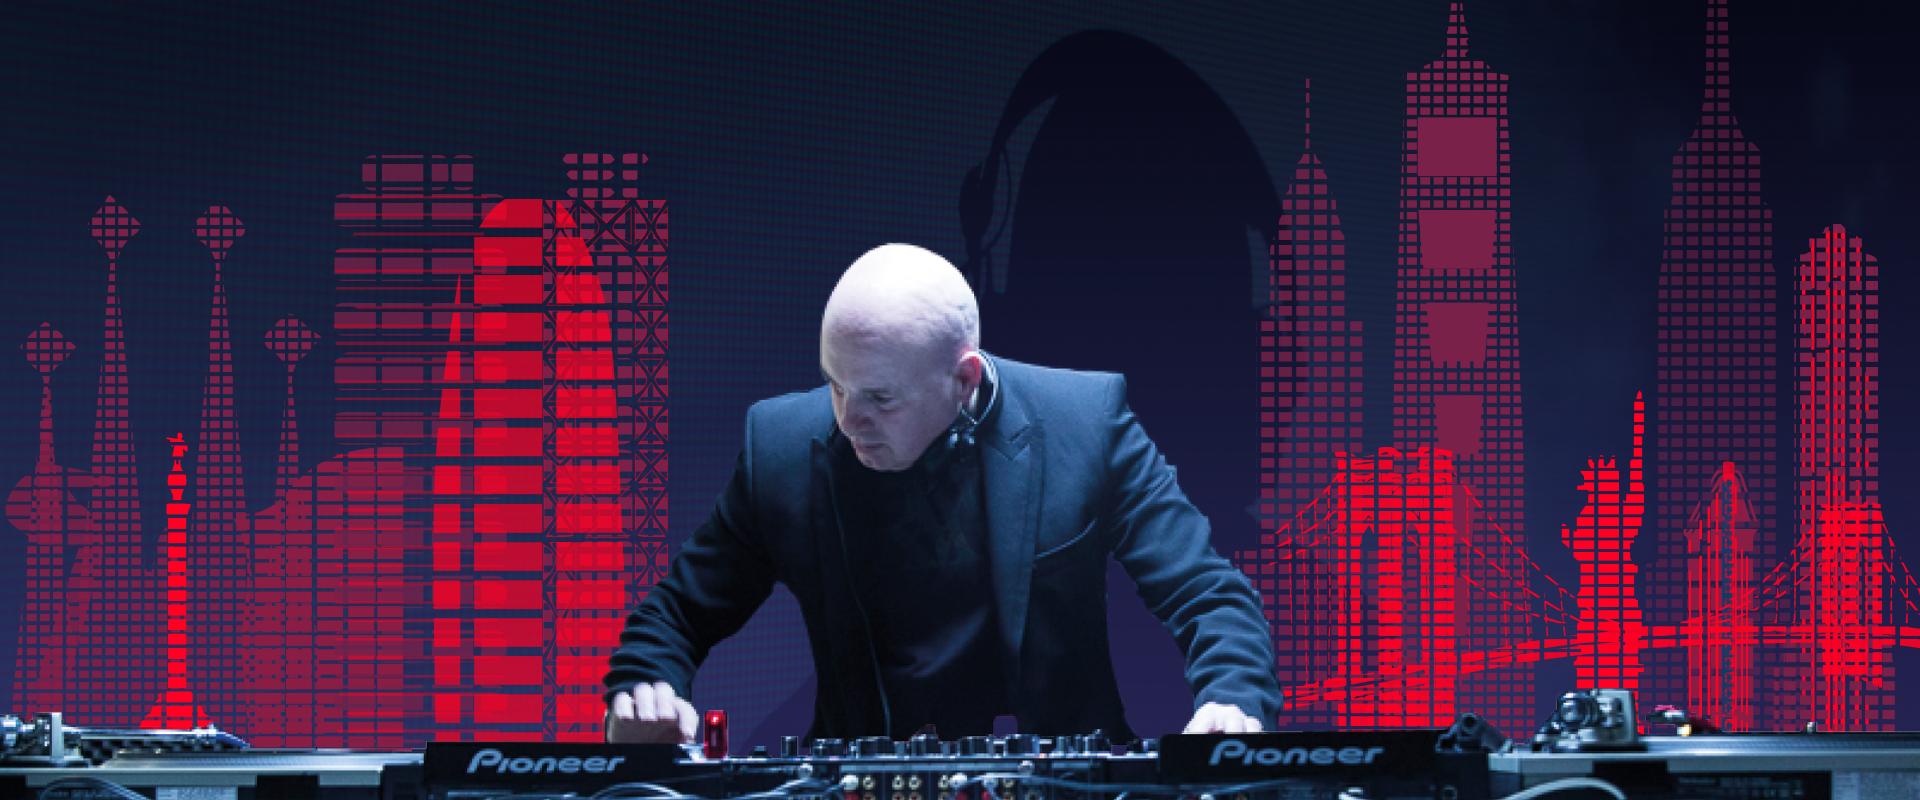 DJ JORDI CABALLE - future pop